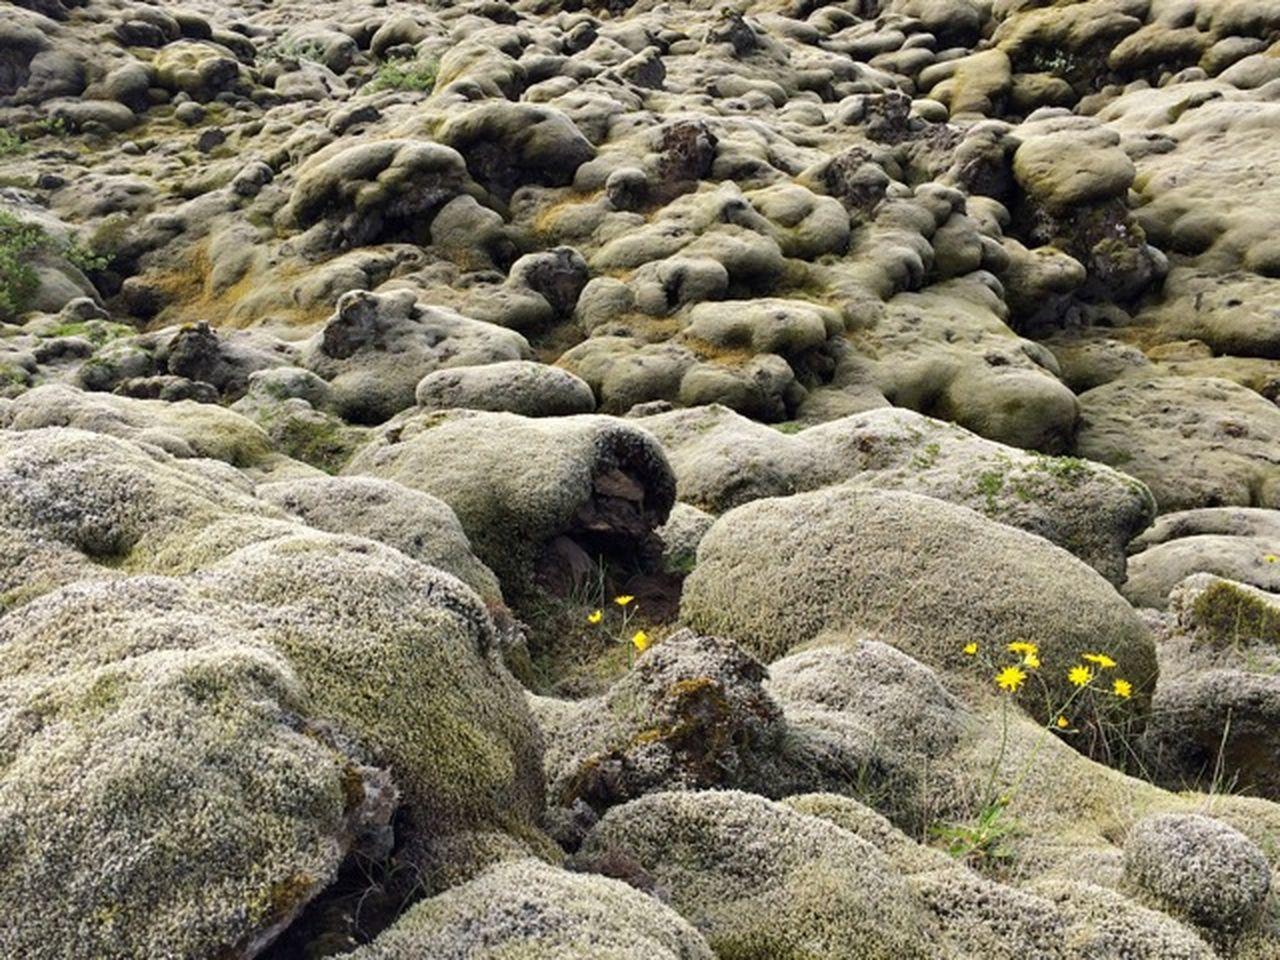 HIGH ANGLE VIEW OF ANIMAL ON ROCKS